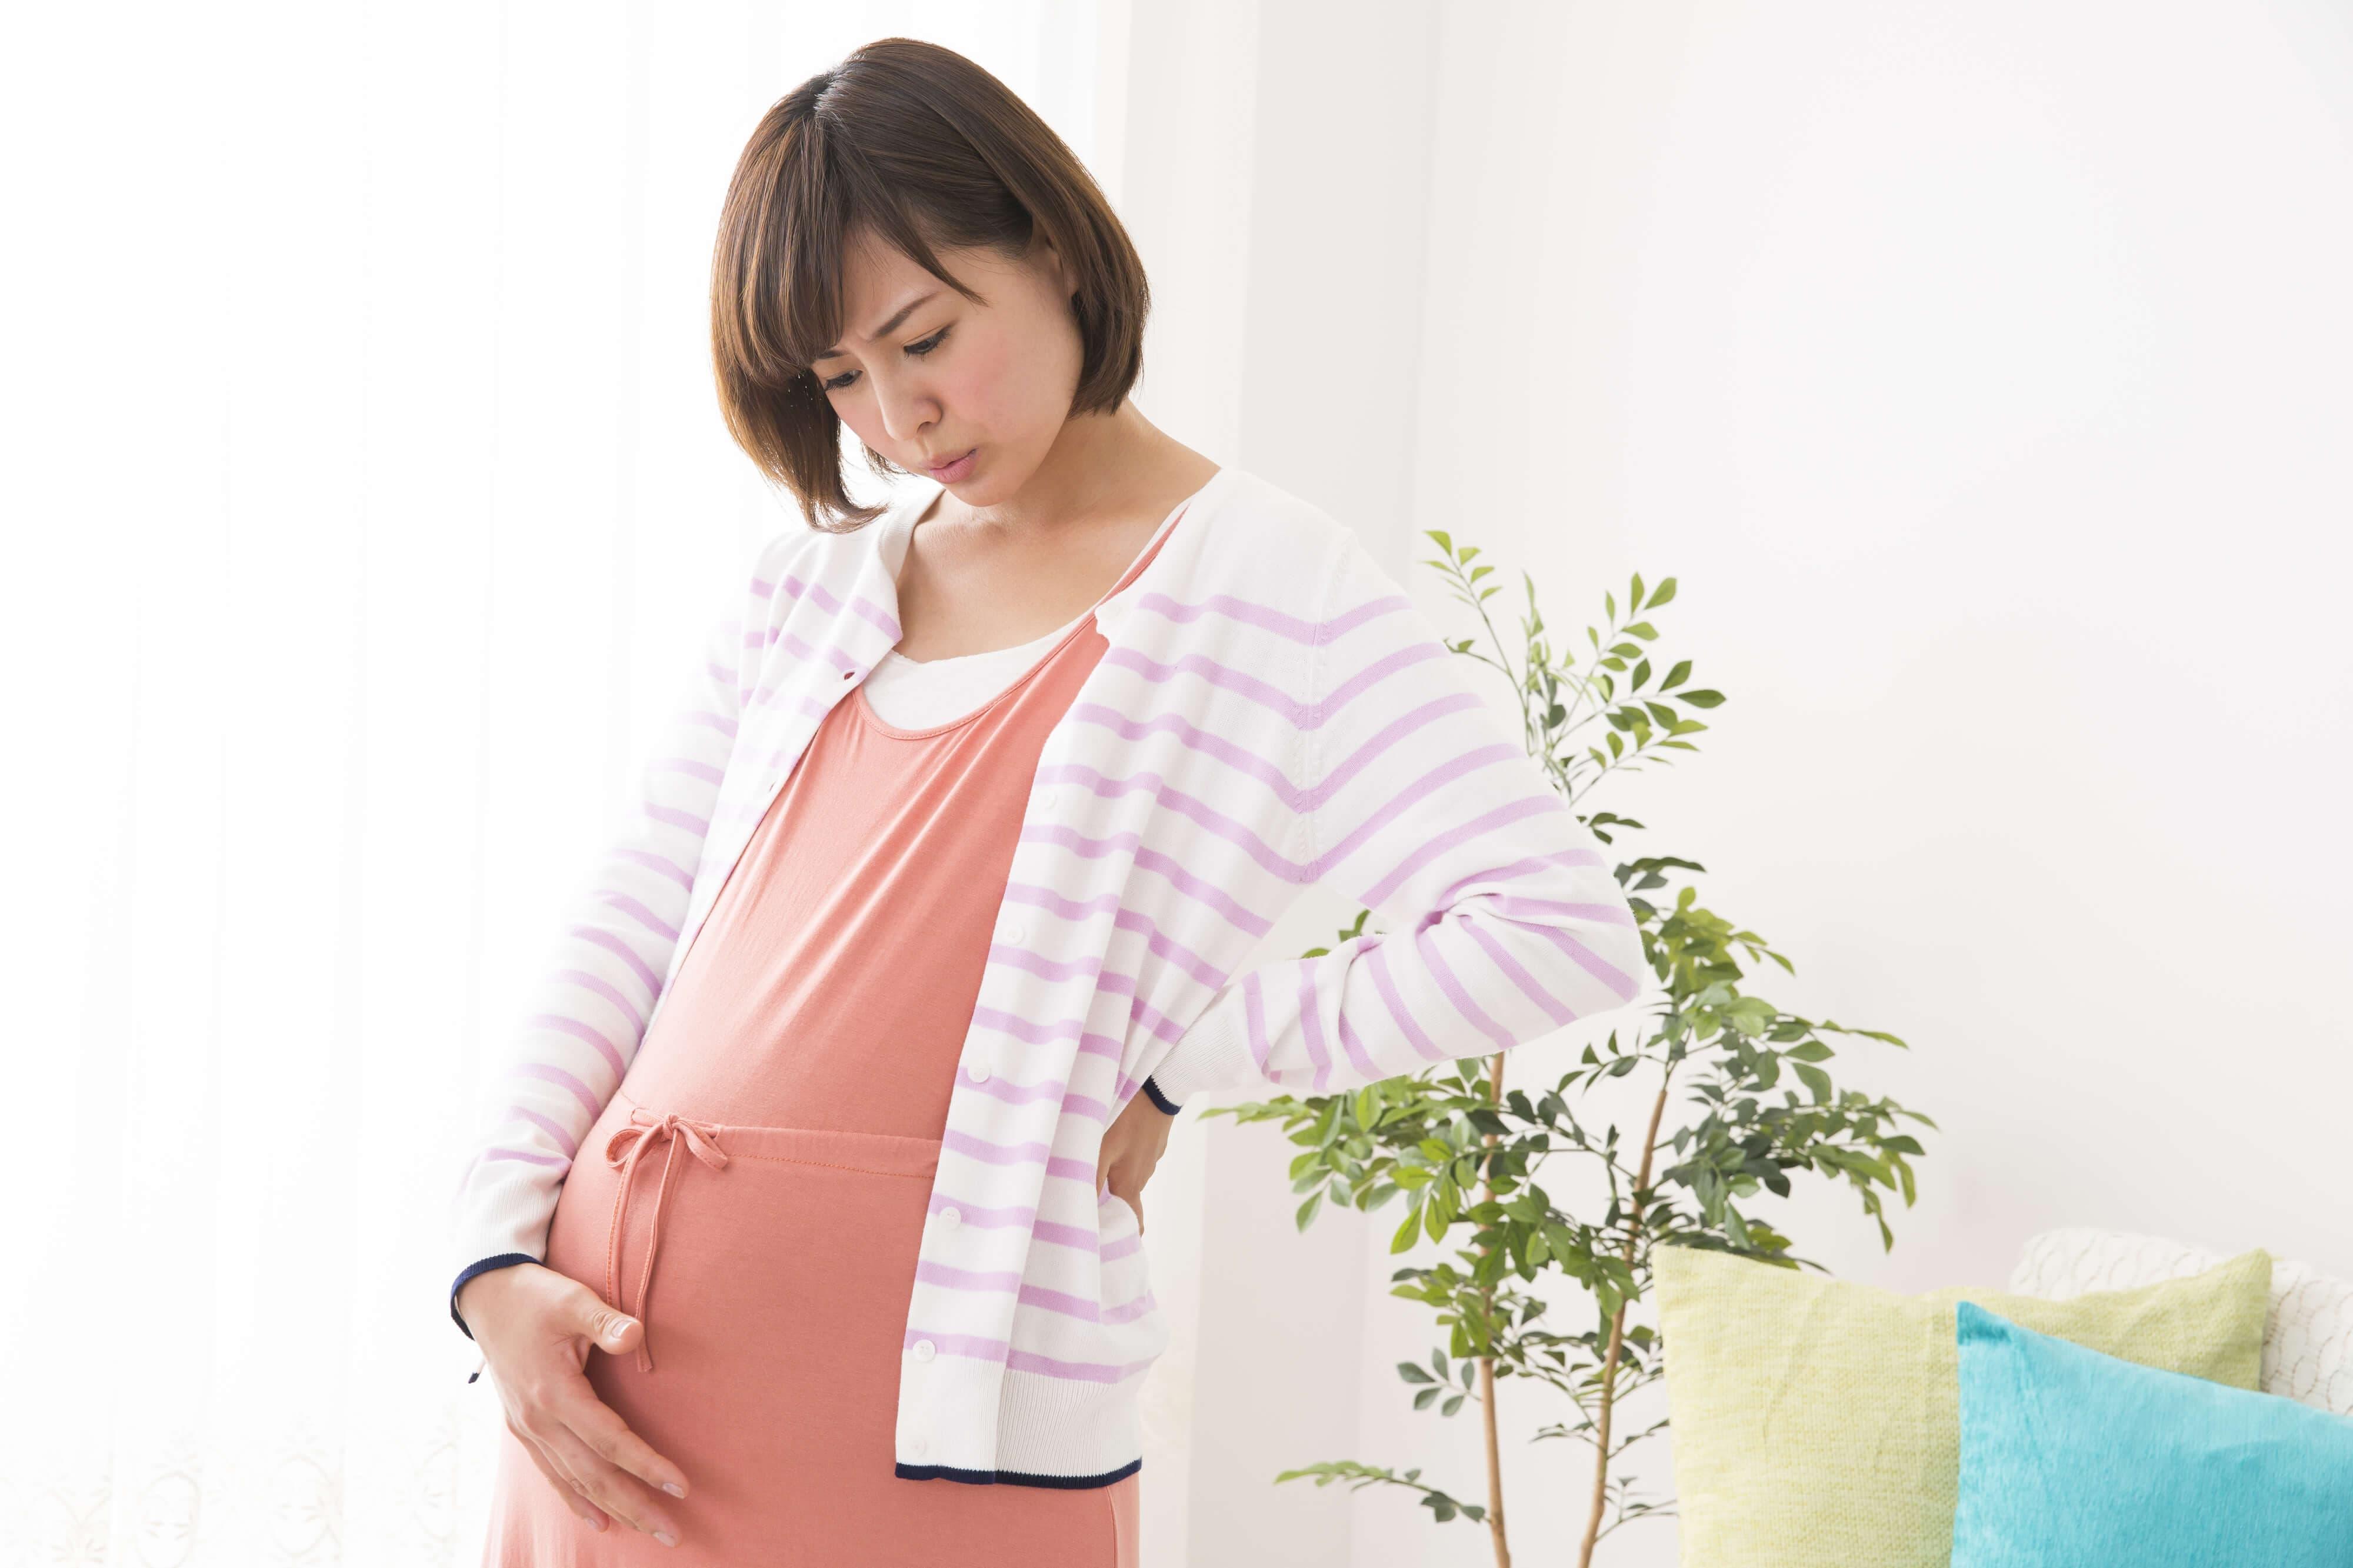 大きいお腹が原因!妊娠中の体型変化でおこる4つの困ったこと